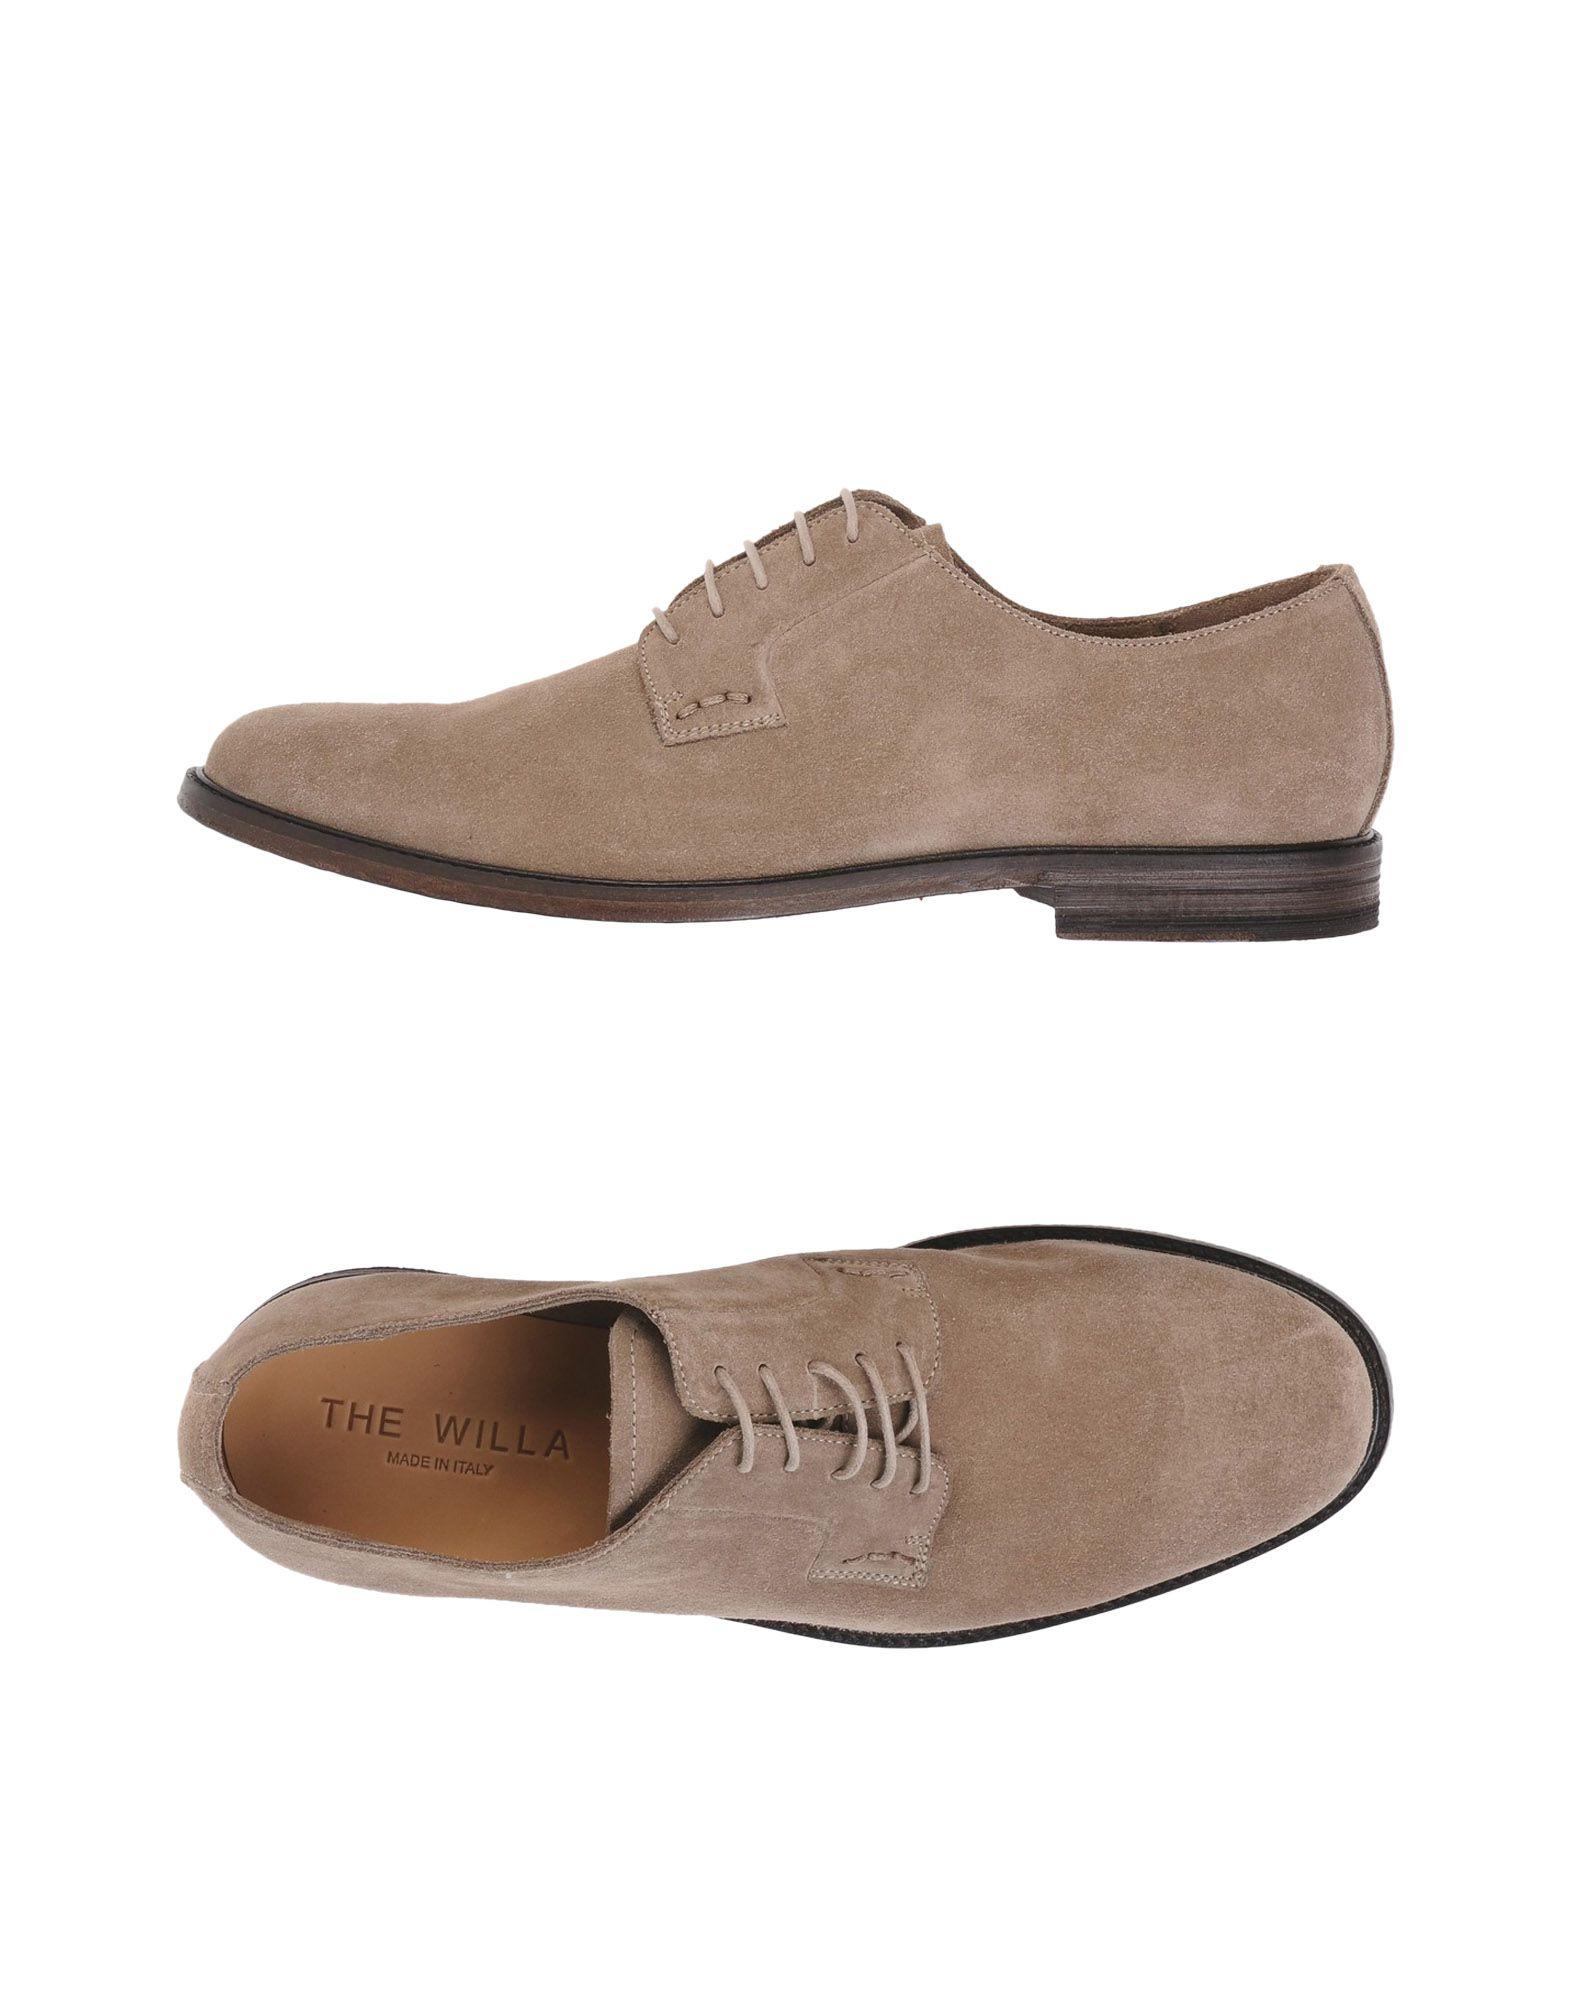 одежда и обувь для активного отдыха и туризма